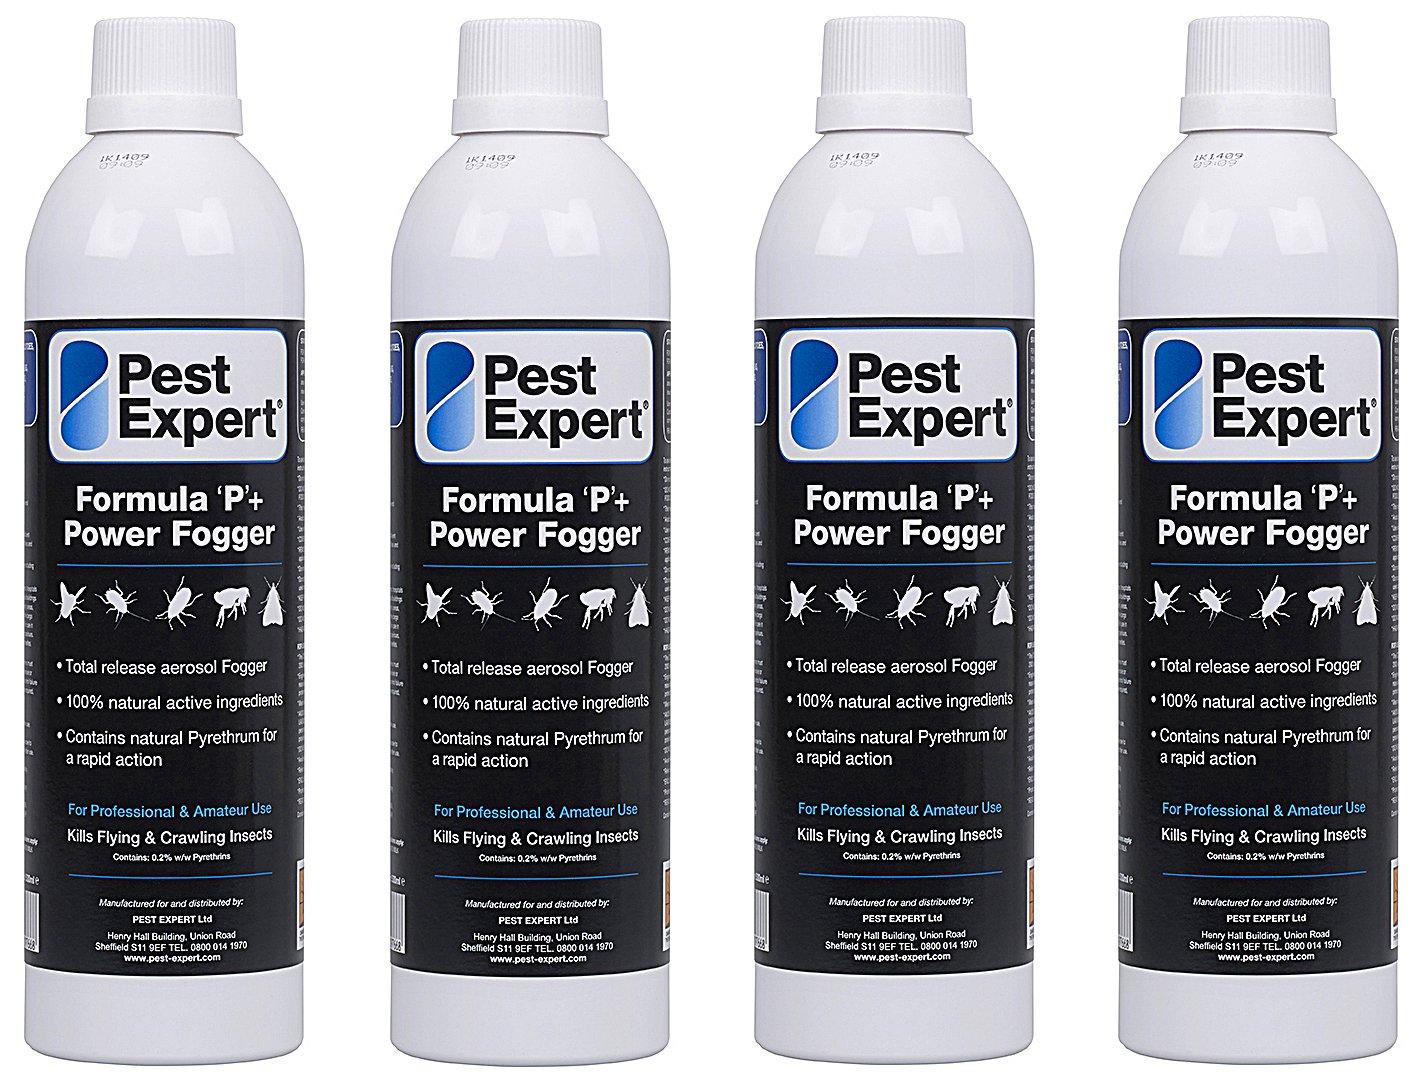 Pest Expert Formula P+ XL Power Nebler gegen fliegen, 4 x 530 ml